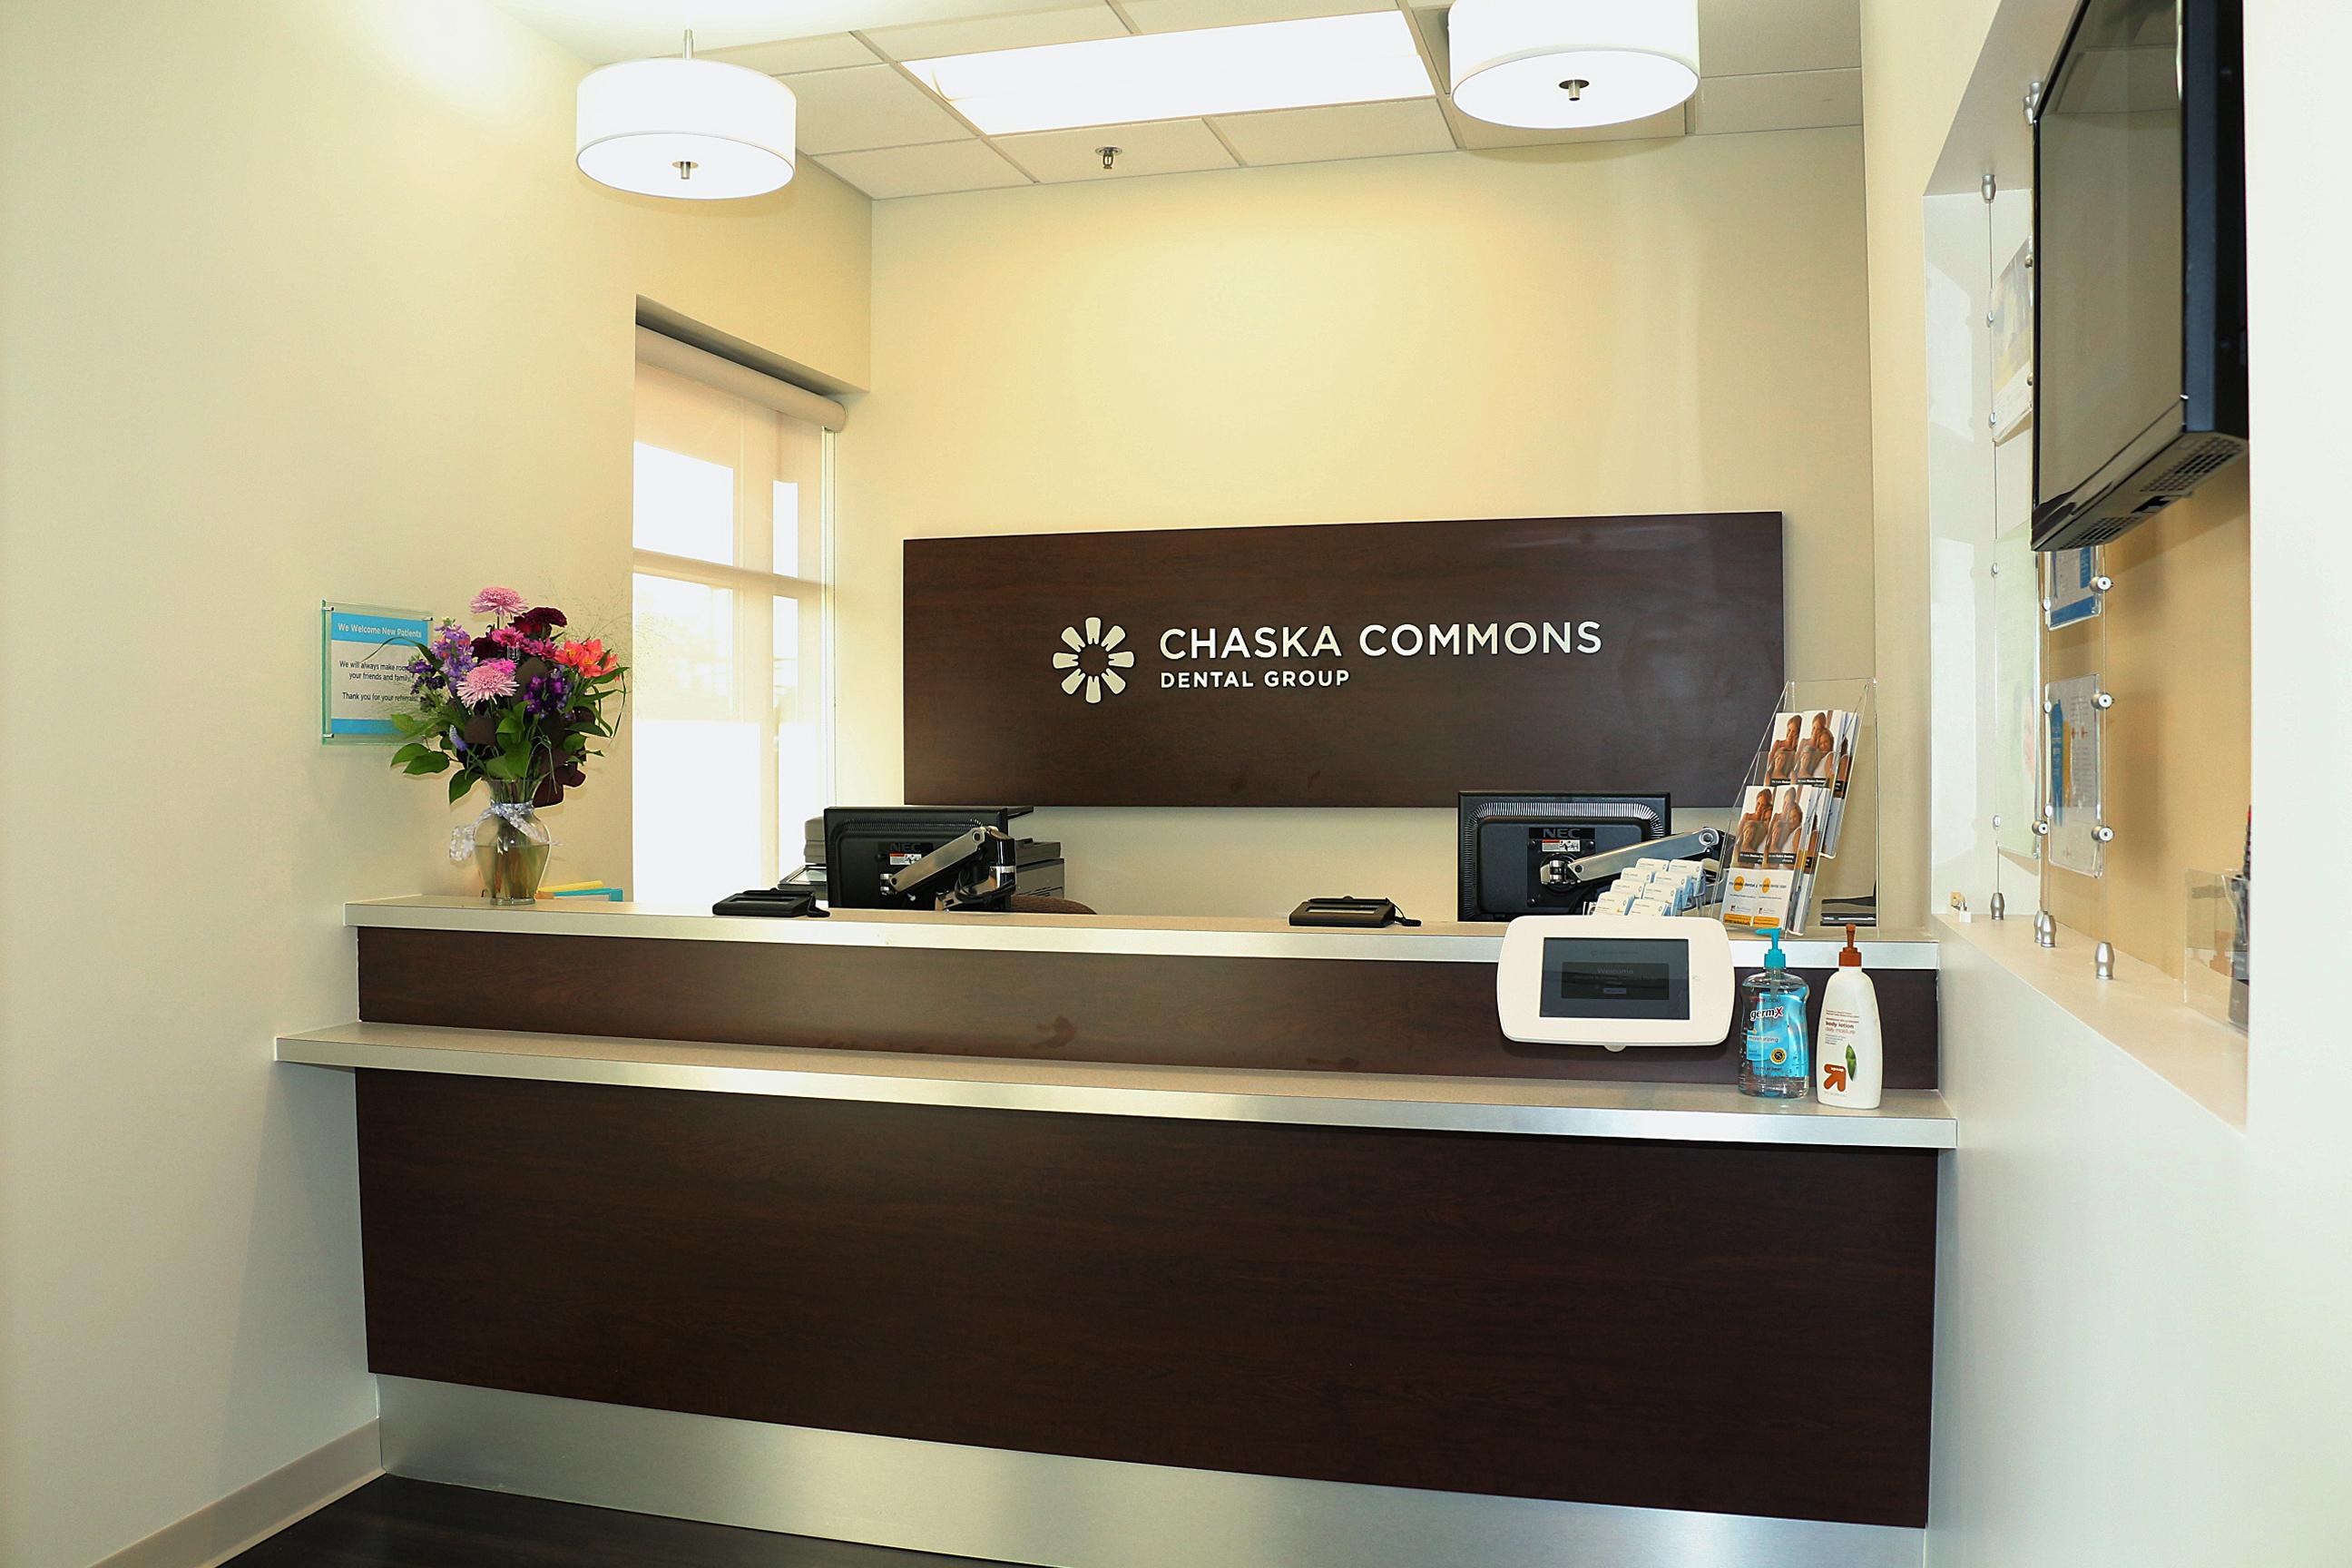 Chaska Commons Dental Group image 2